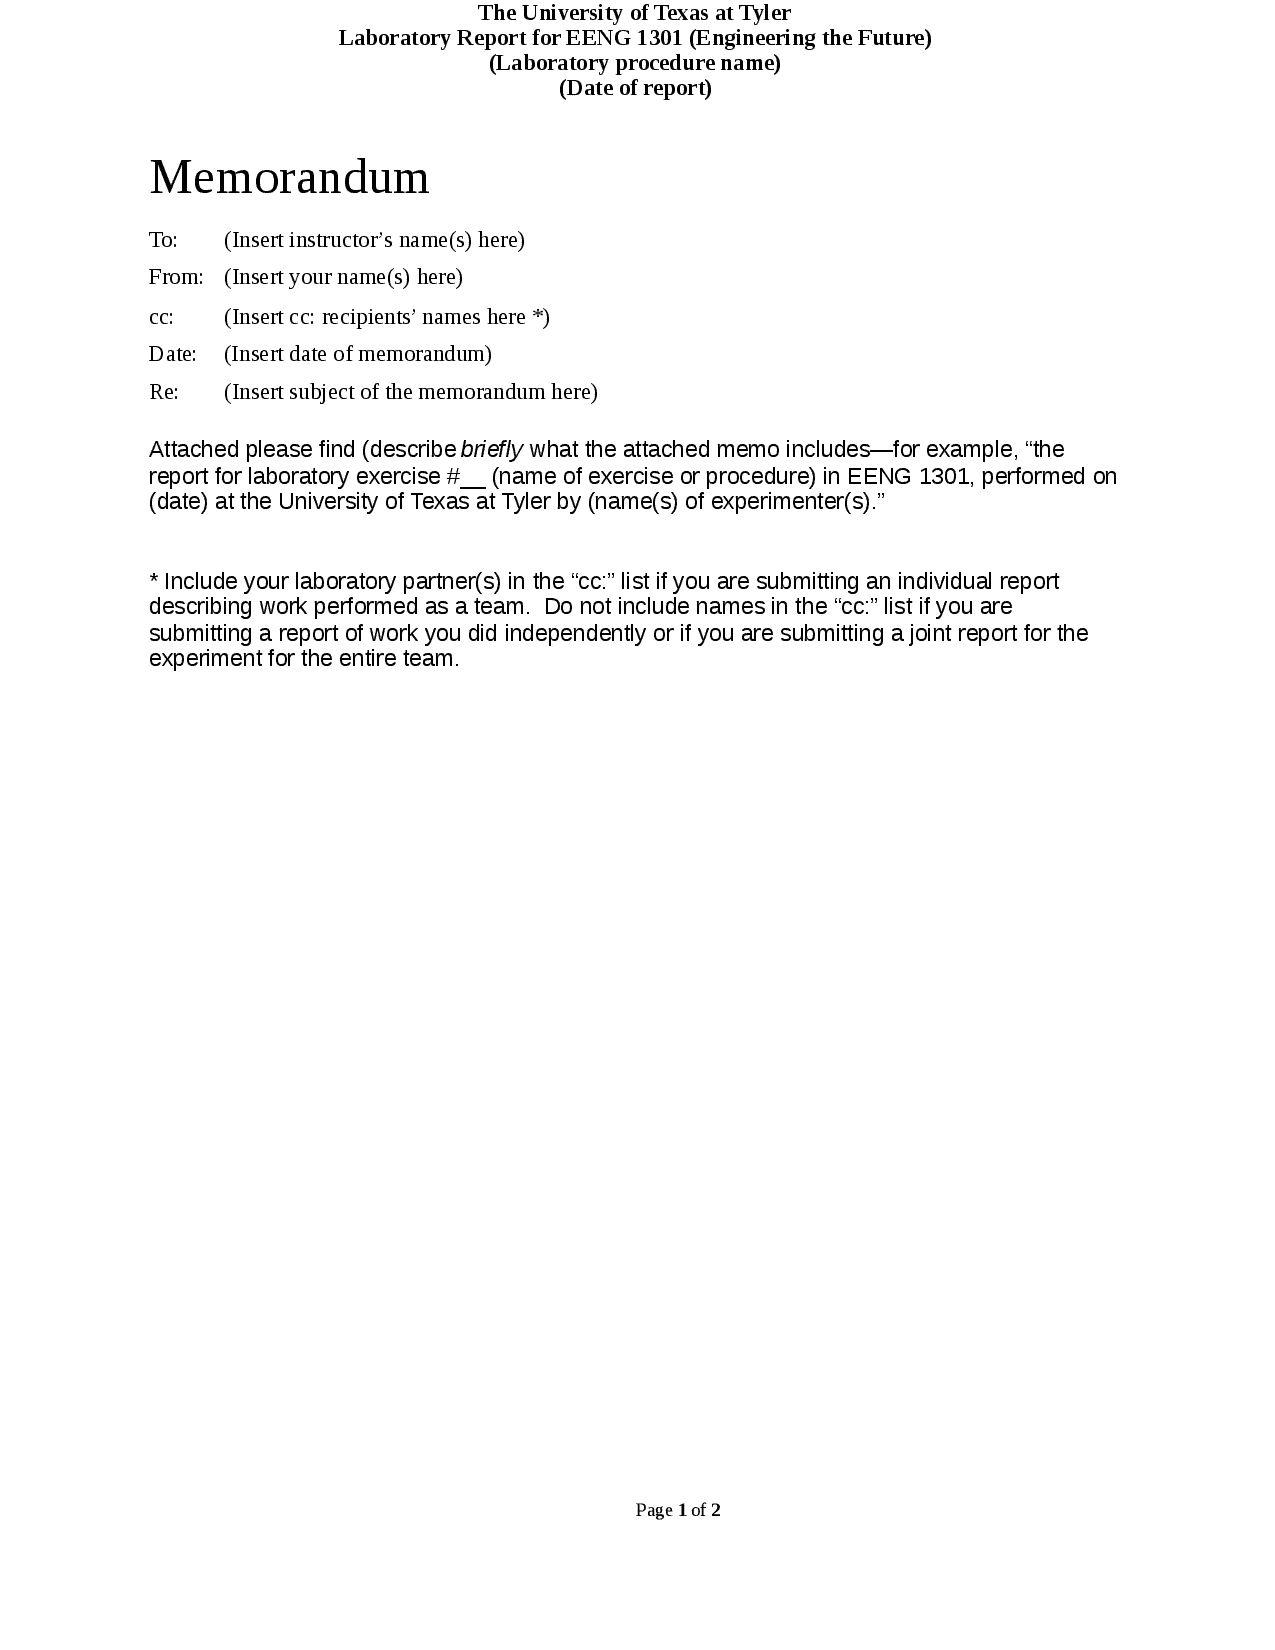 Format For Basic Memorandum Laboratory Reports